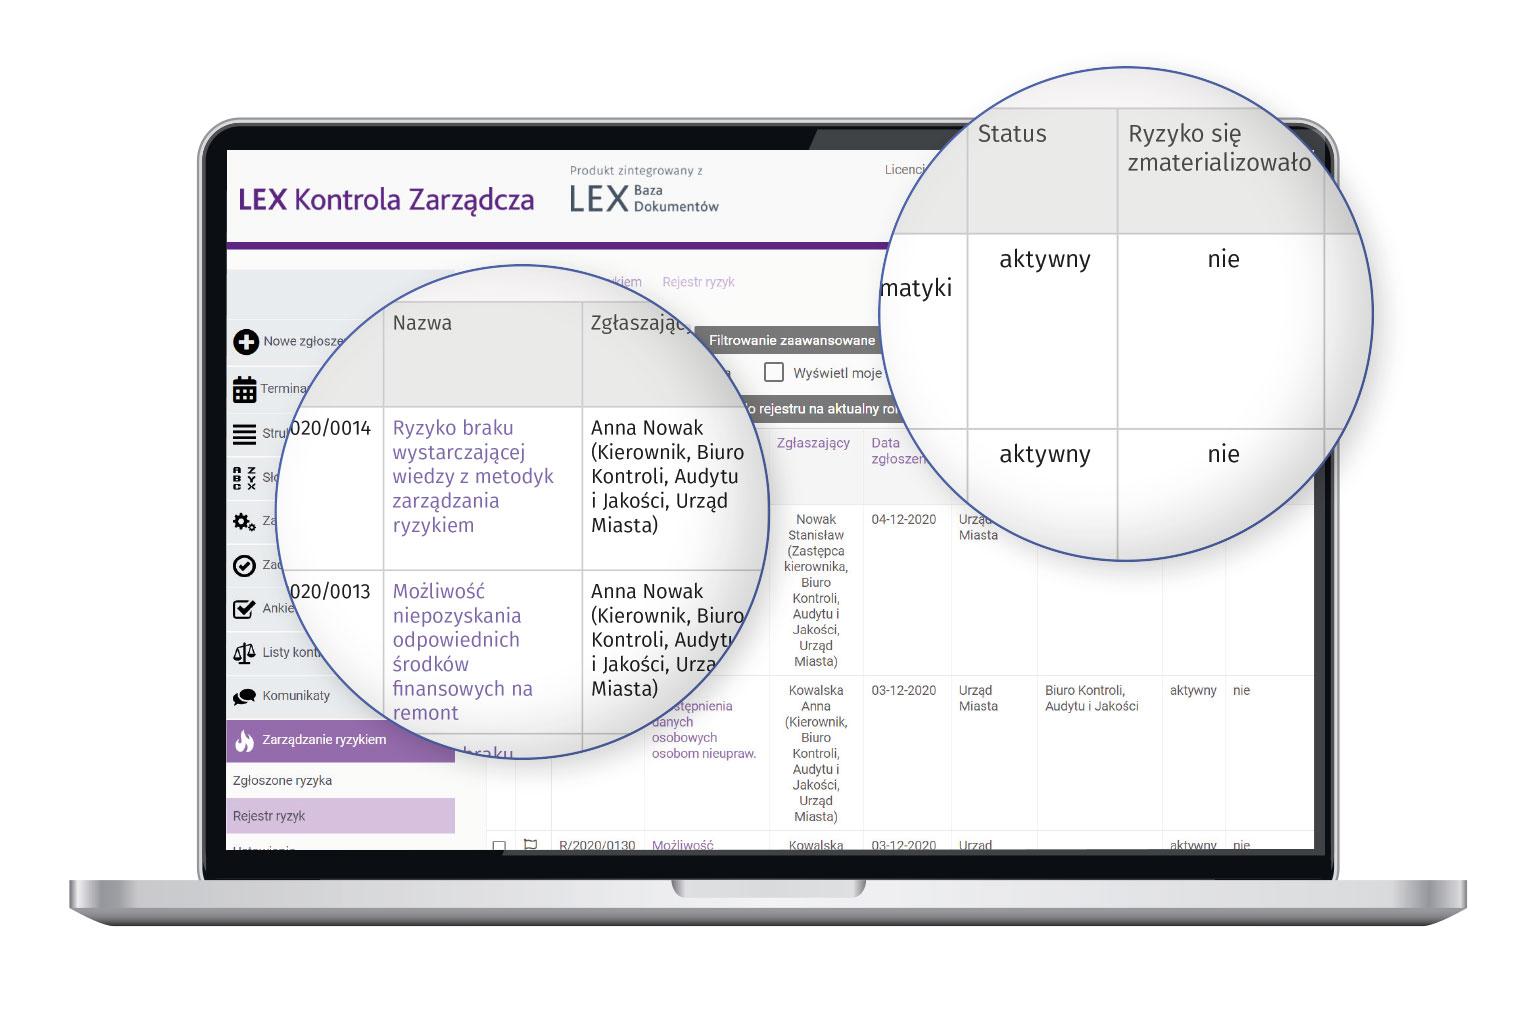 Widok programu LEX Kontrola Zarządcza przedstawiający rejestr ryzykaa